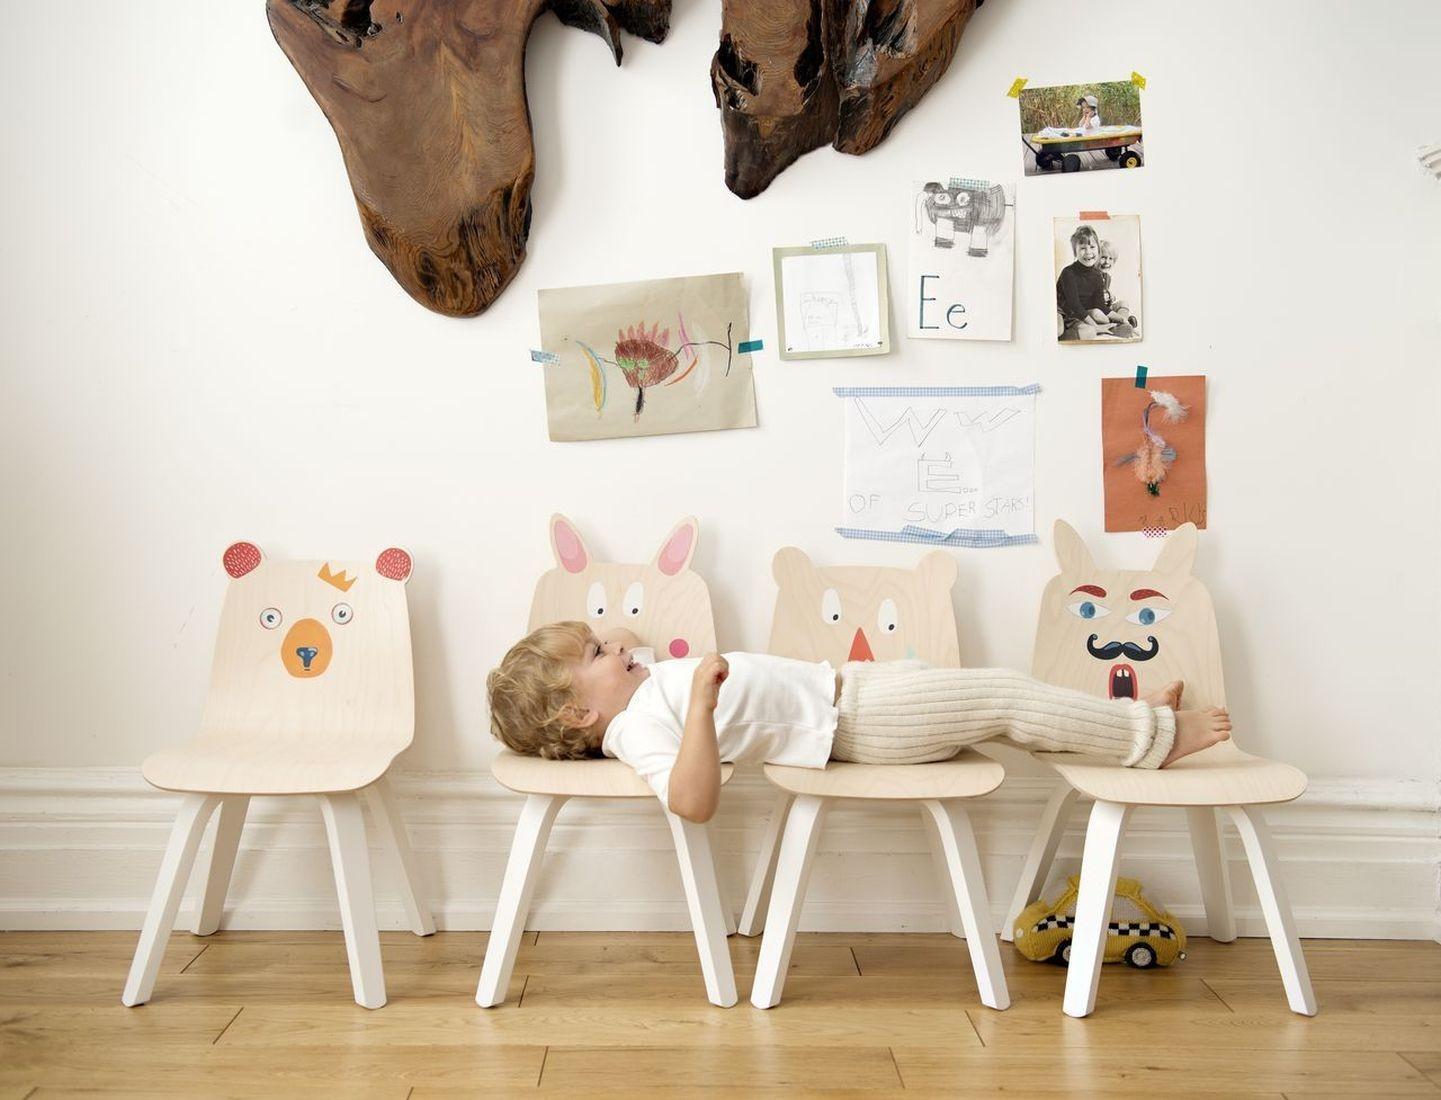 oeuf kinderstuhl b r wei walnuss kinderst hle tische kinderzimmerm bel kinderzimmer. Black Bedroom Furniture Sets. Home Design Ideas